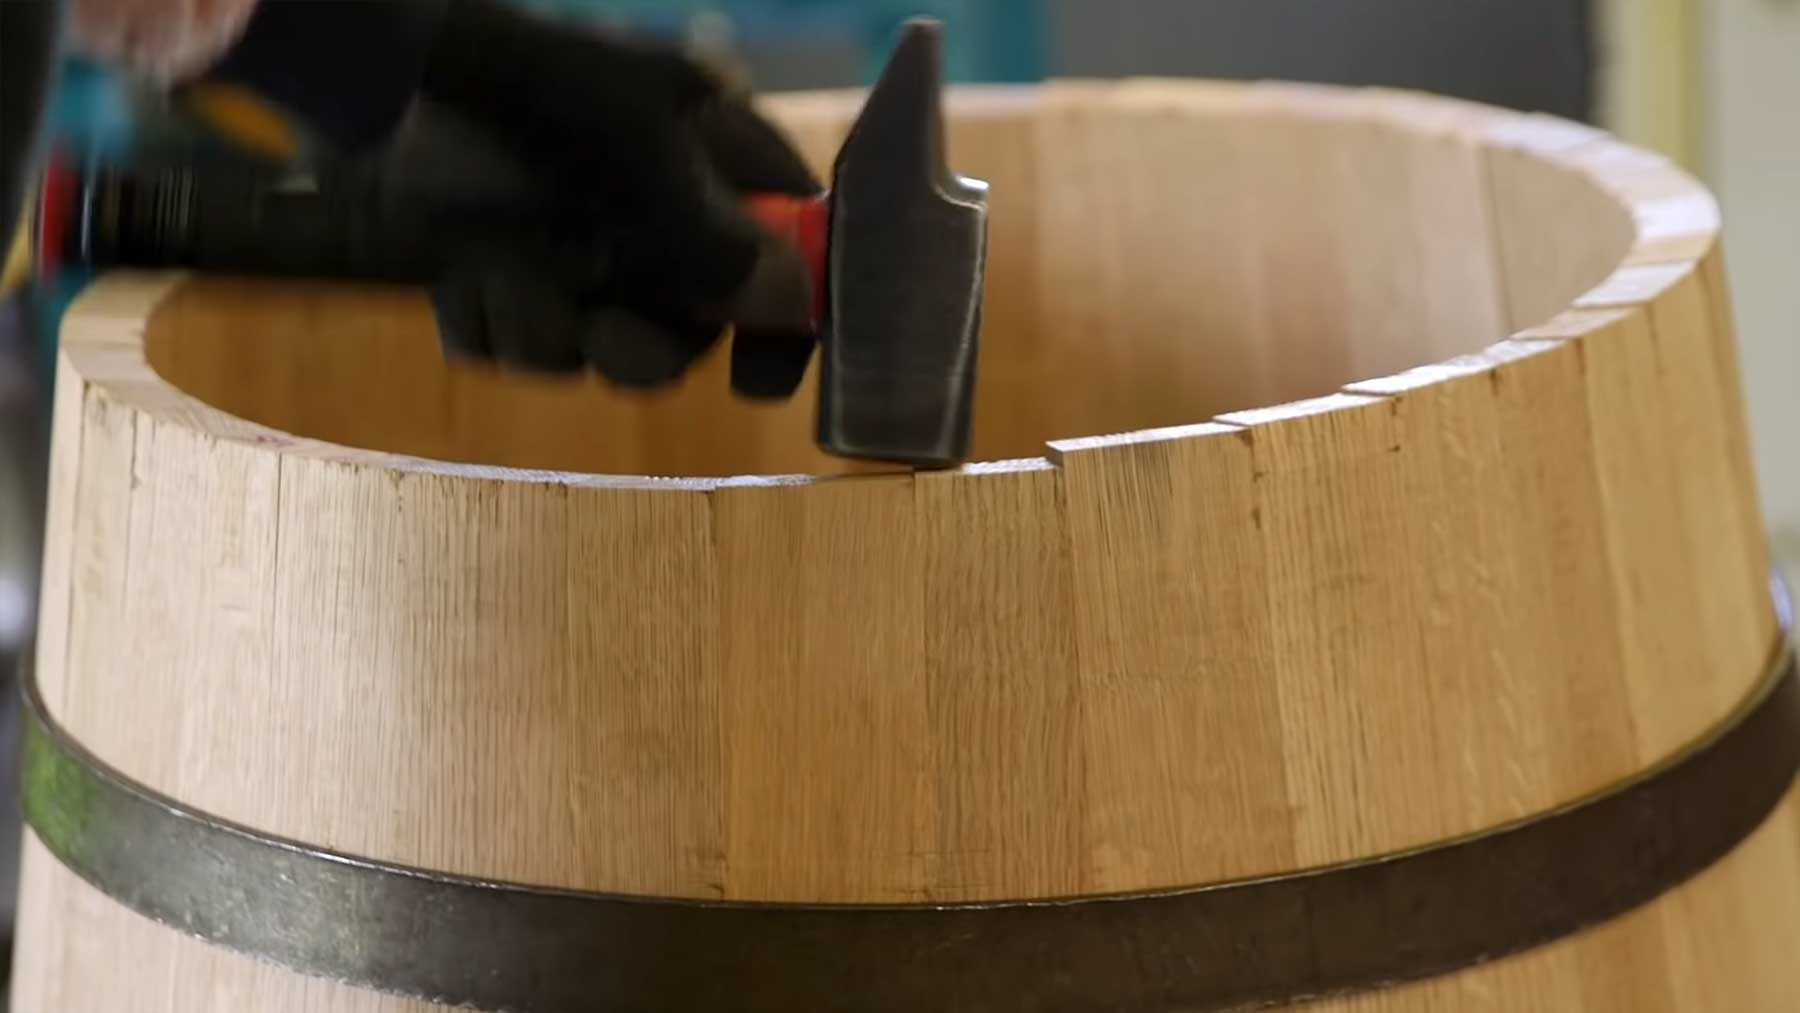 Video-Erklärung zur Herstellung von Whiskey-Fässern herstellung-whiskey-faesser